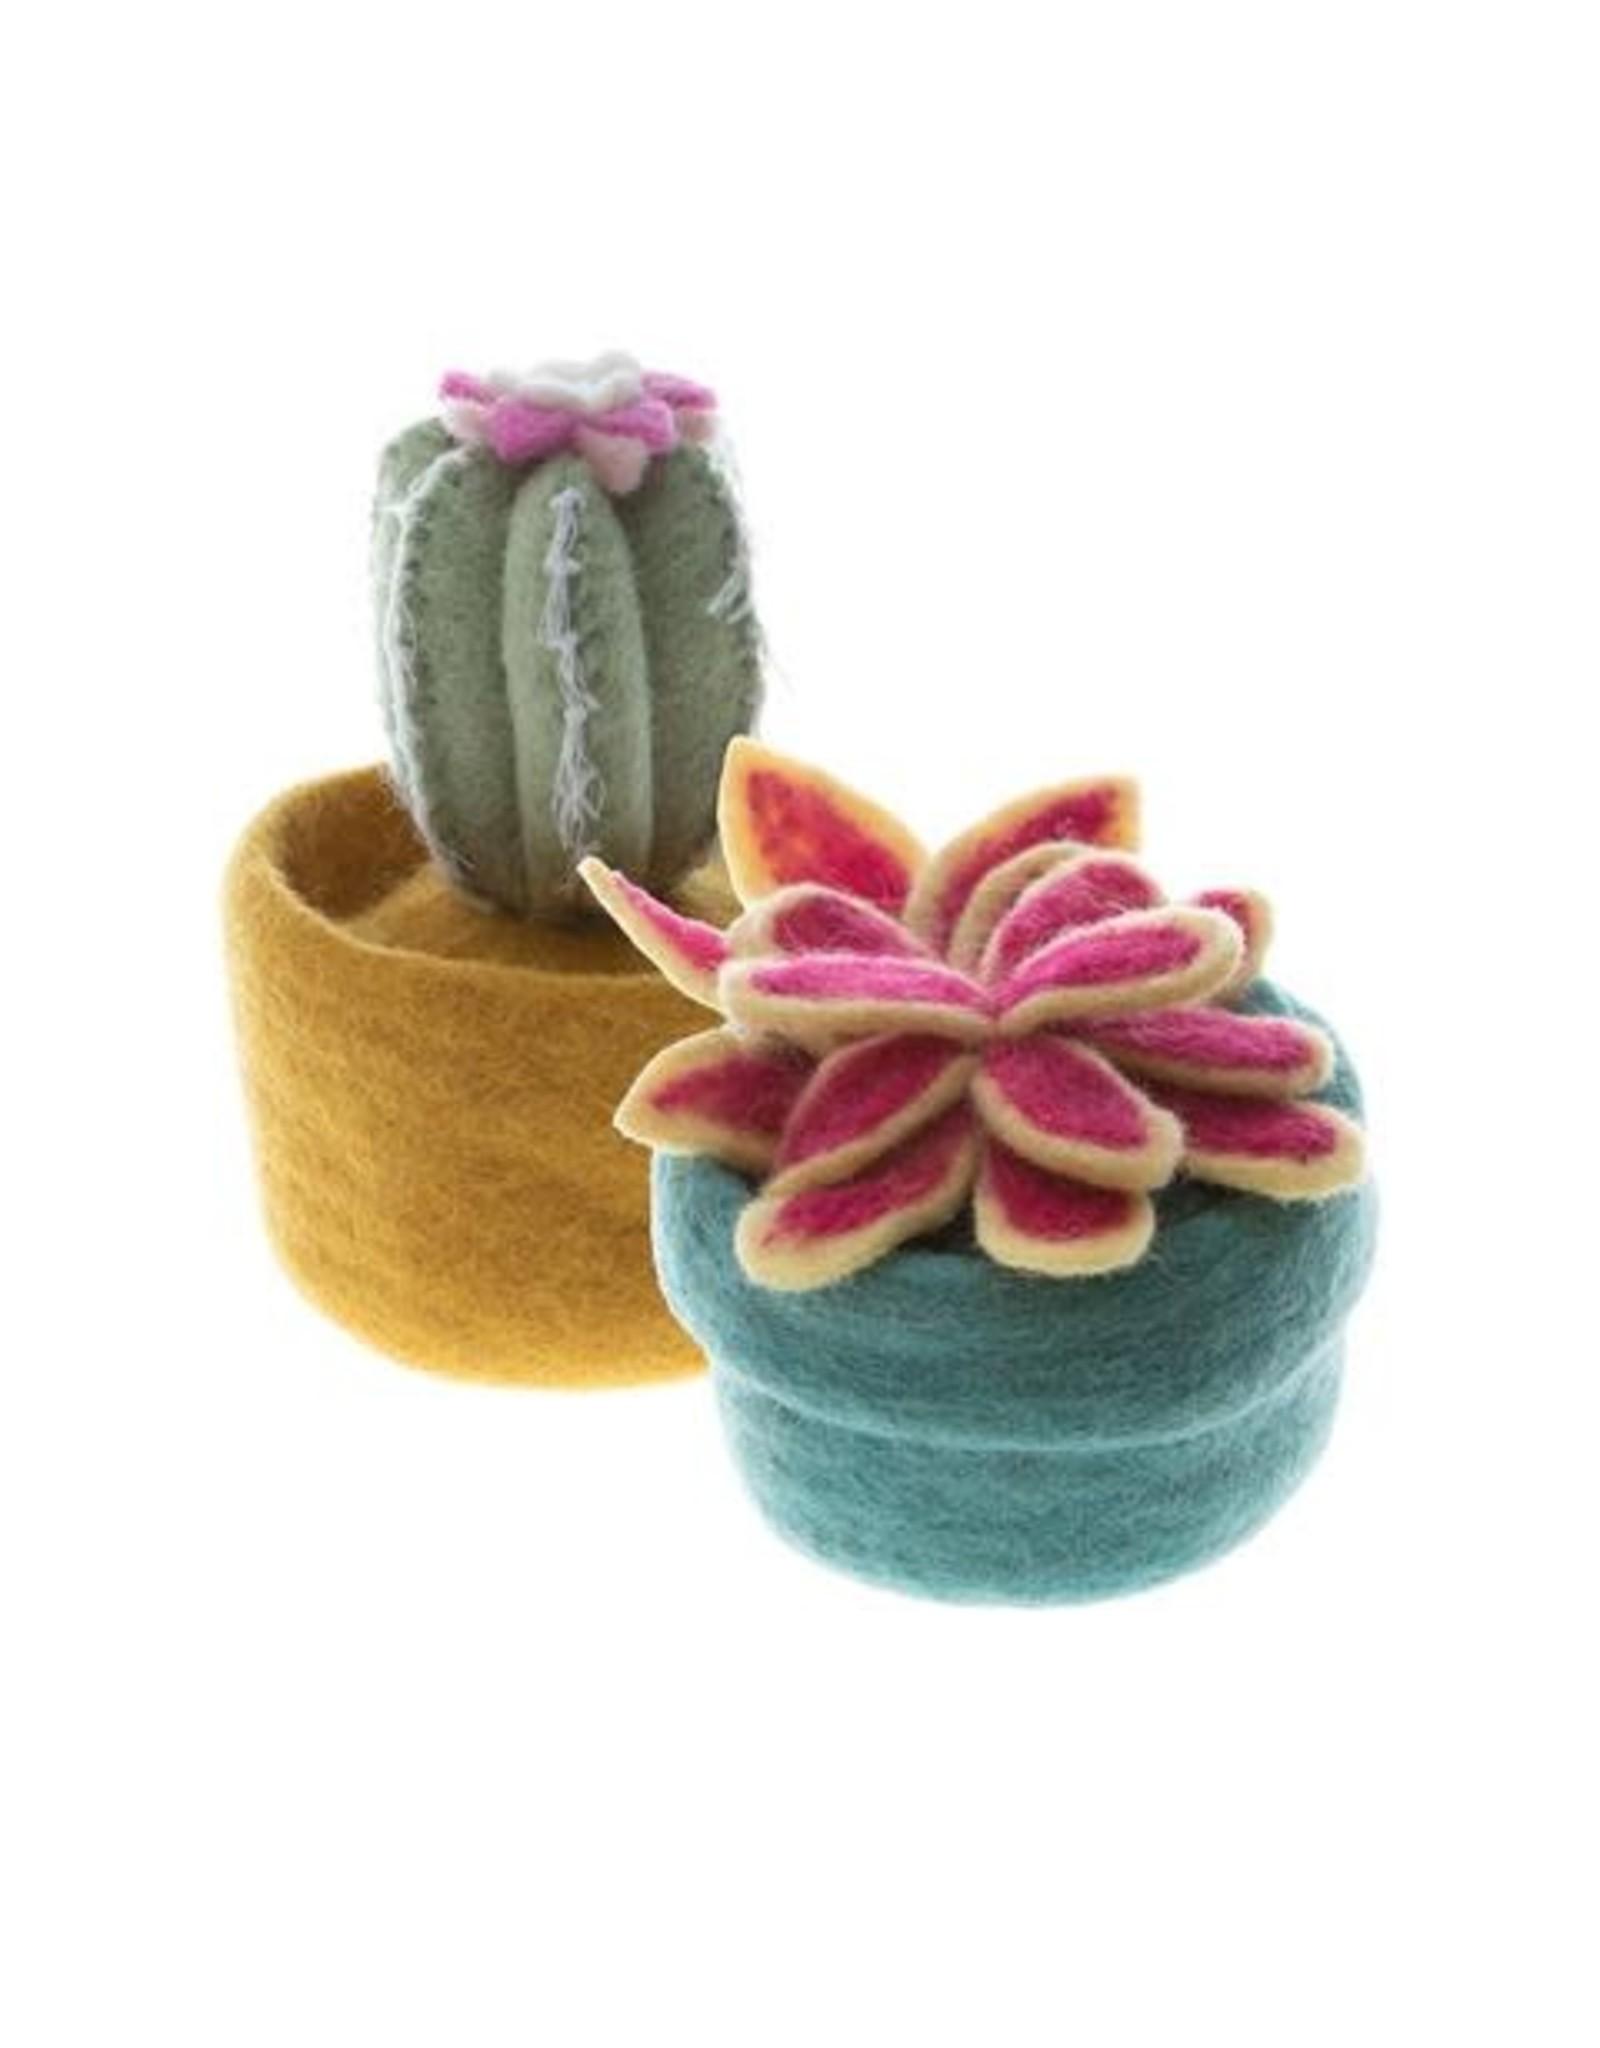 Nepal, Cactus and Succulent Pots - Light Teal Pot /Yellow OR Pink Petals